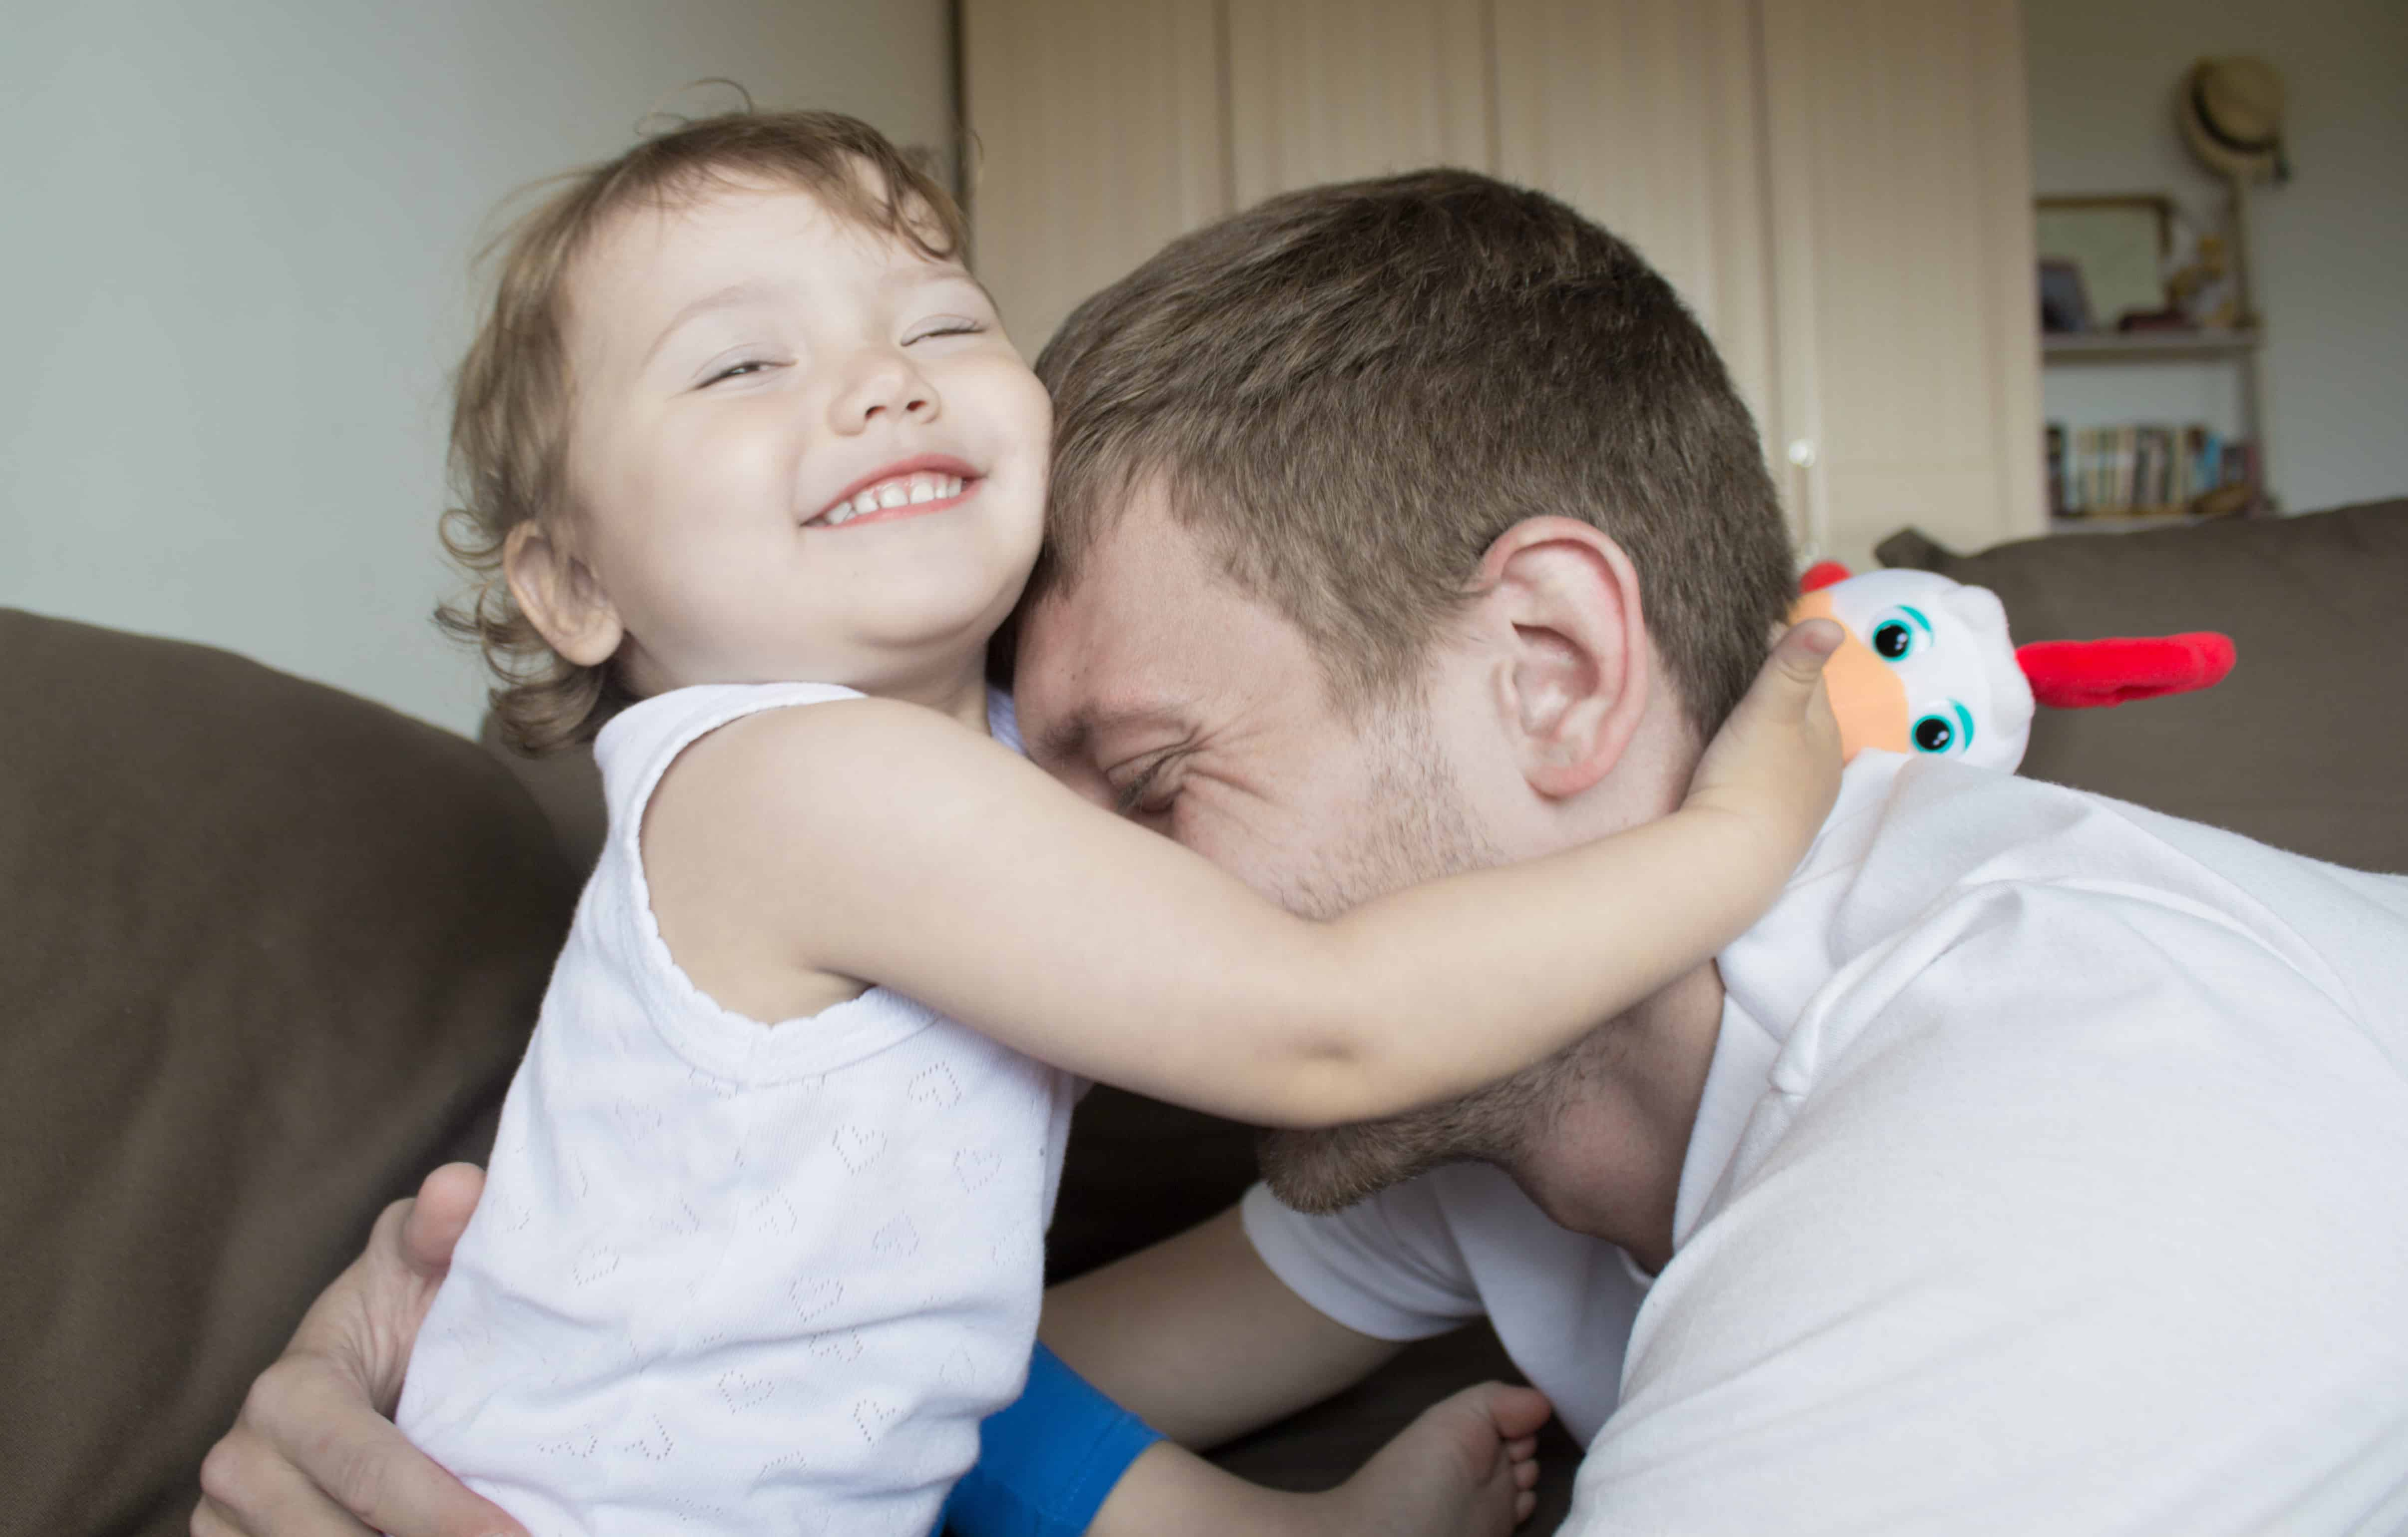 ¿Cómo generar lazos padre e hijo? Consejos para fortalecer el apego